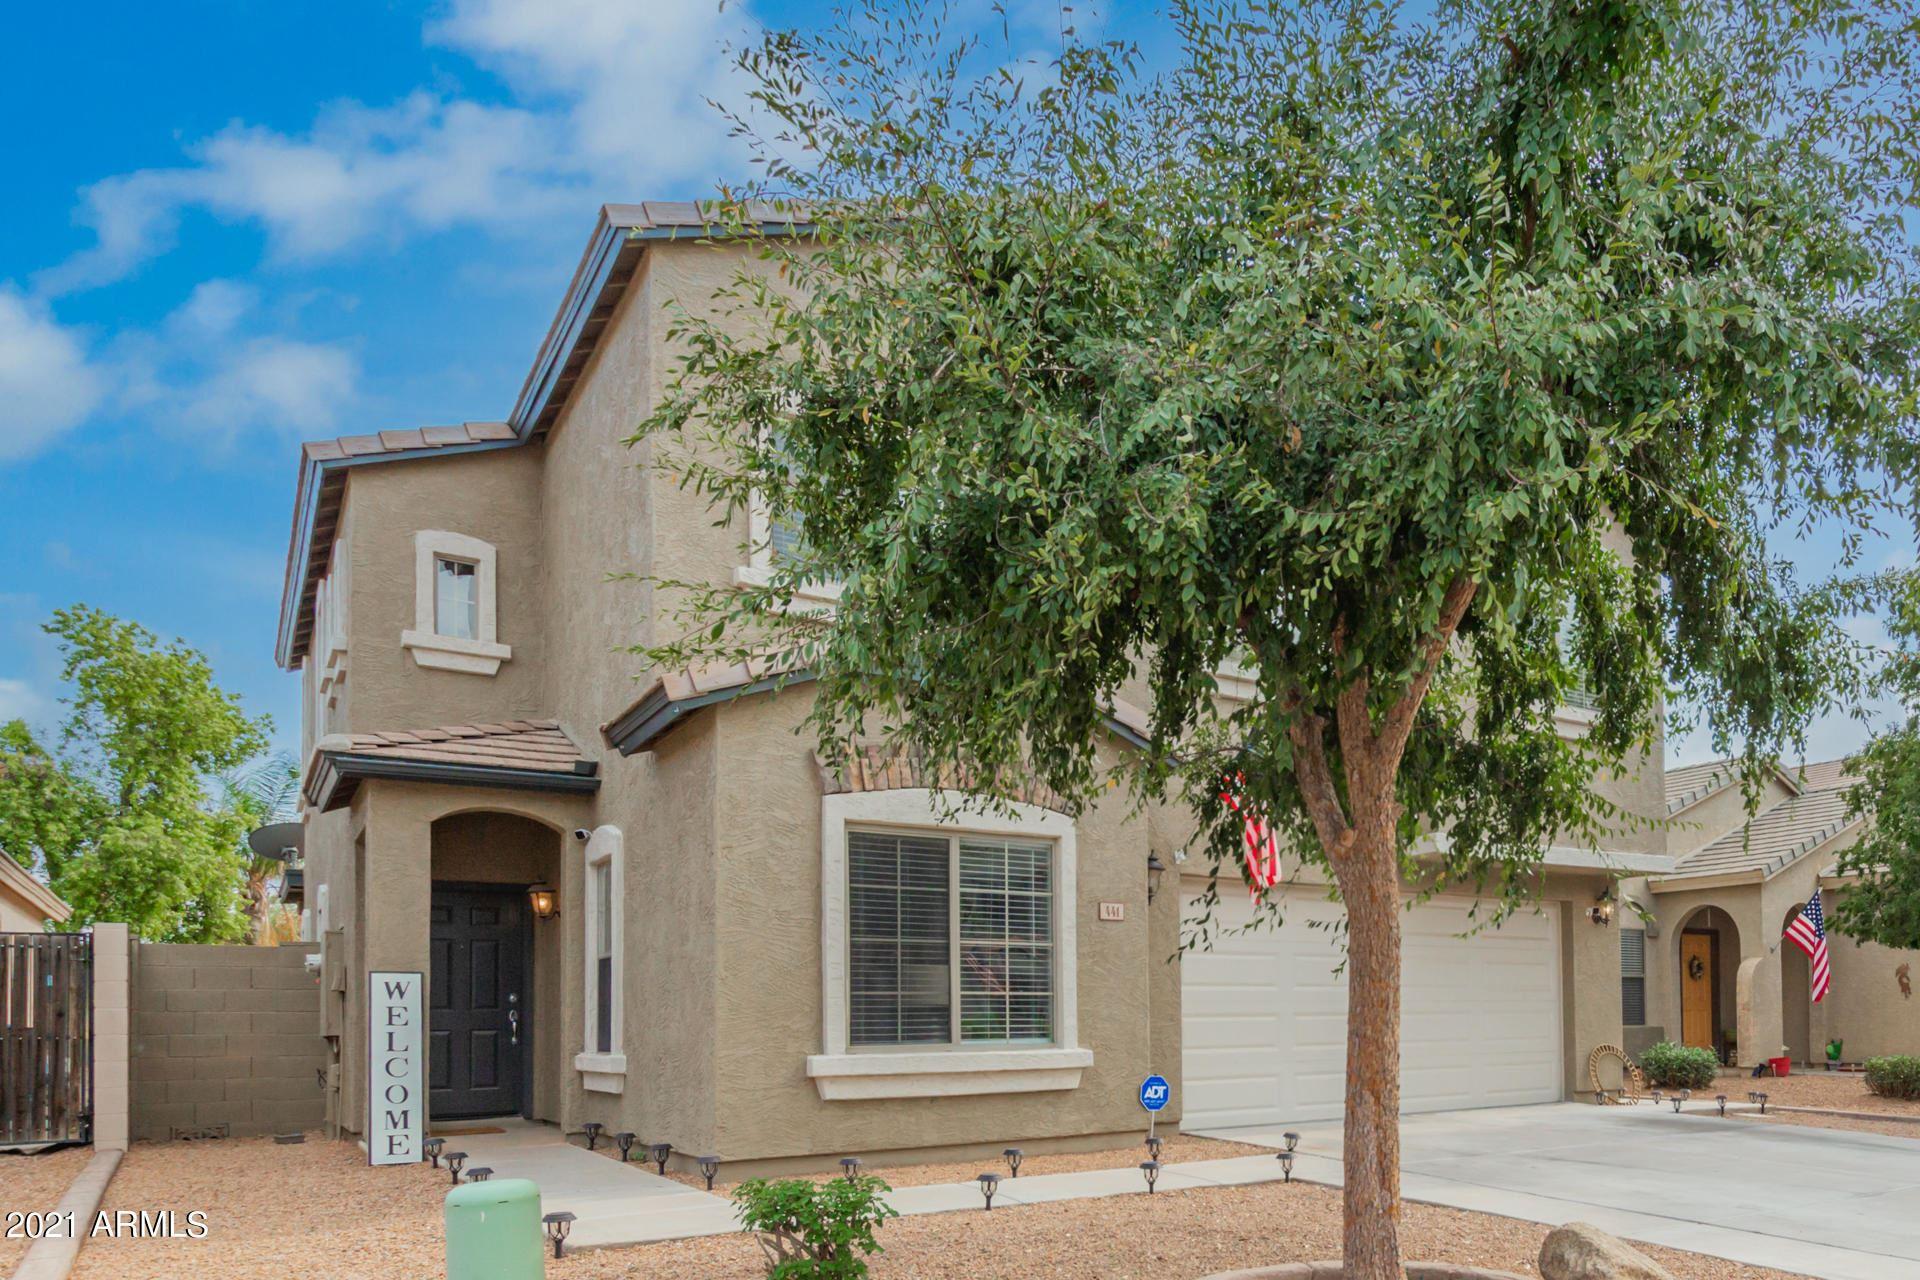 Photo of 441 E BRADSTOCK Way, San Tan Valley, AZ 85140 (MLS # 6268130)